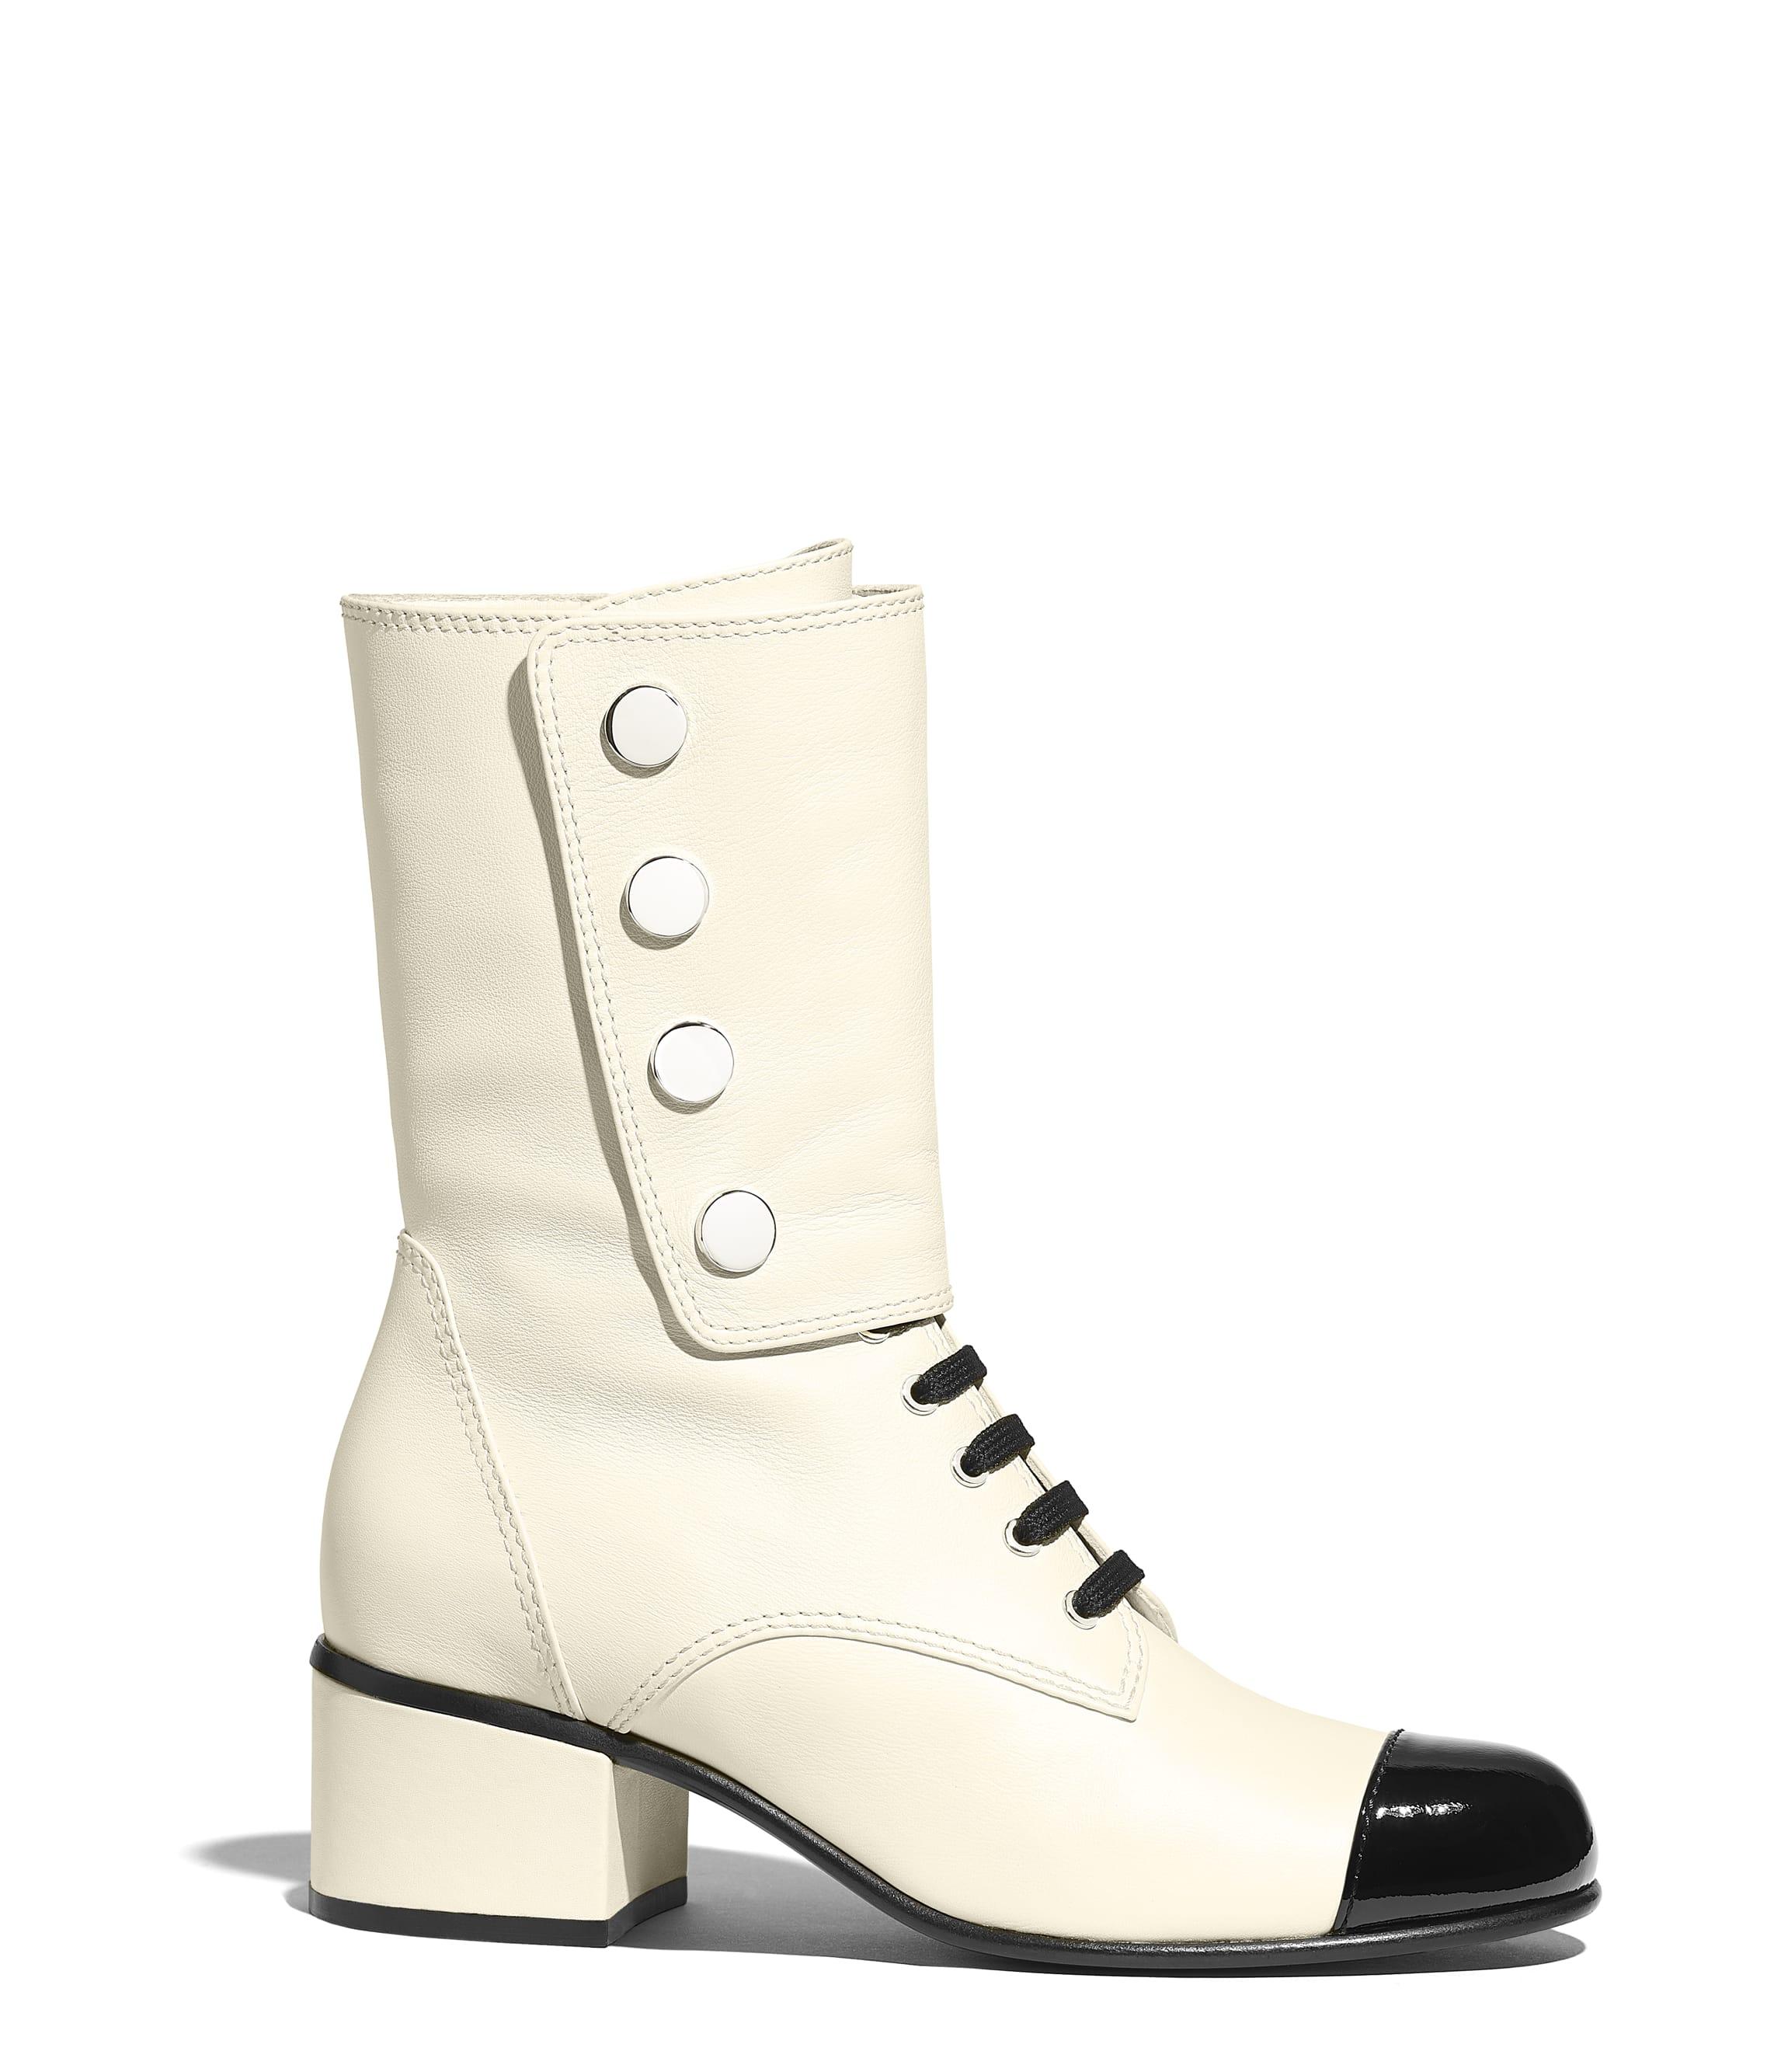 ac318b8ddb4 Shoes - CHANEL